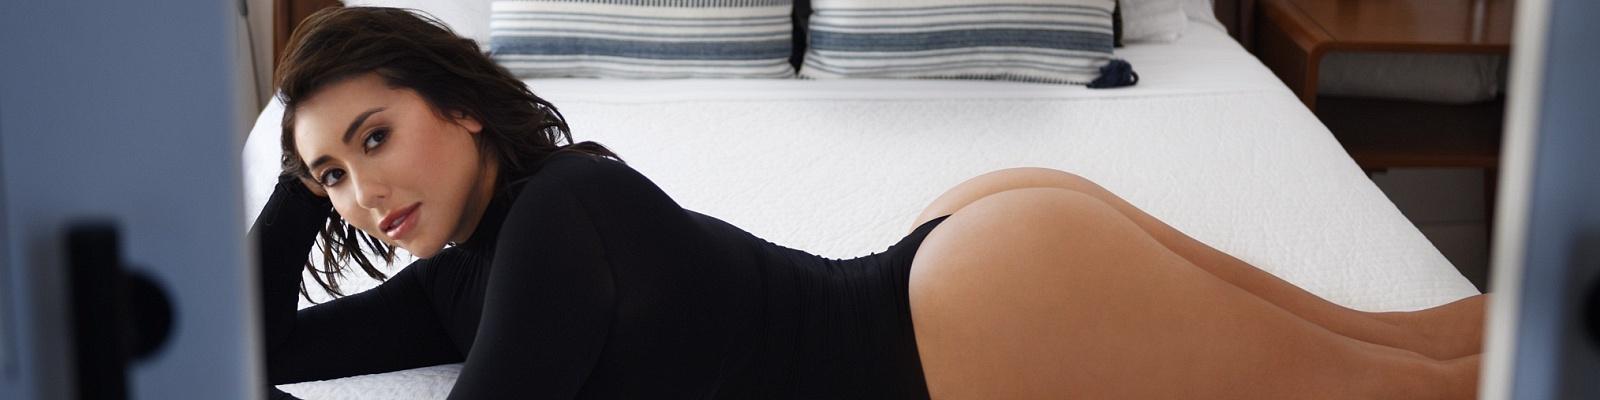 Gia Venetia's Cover Photo